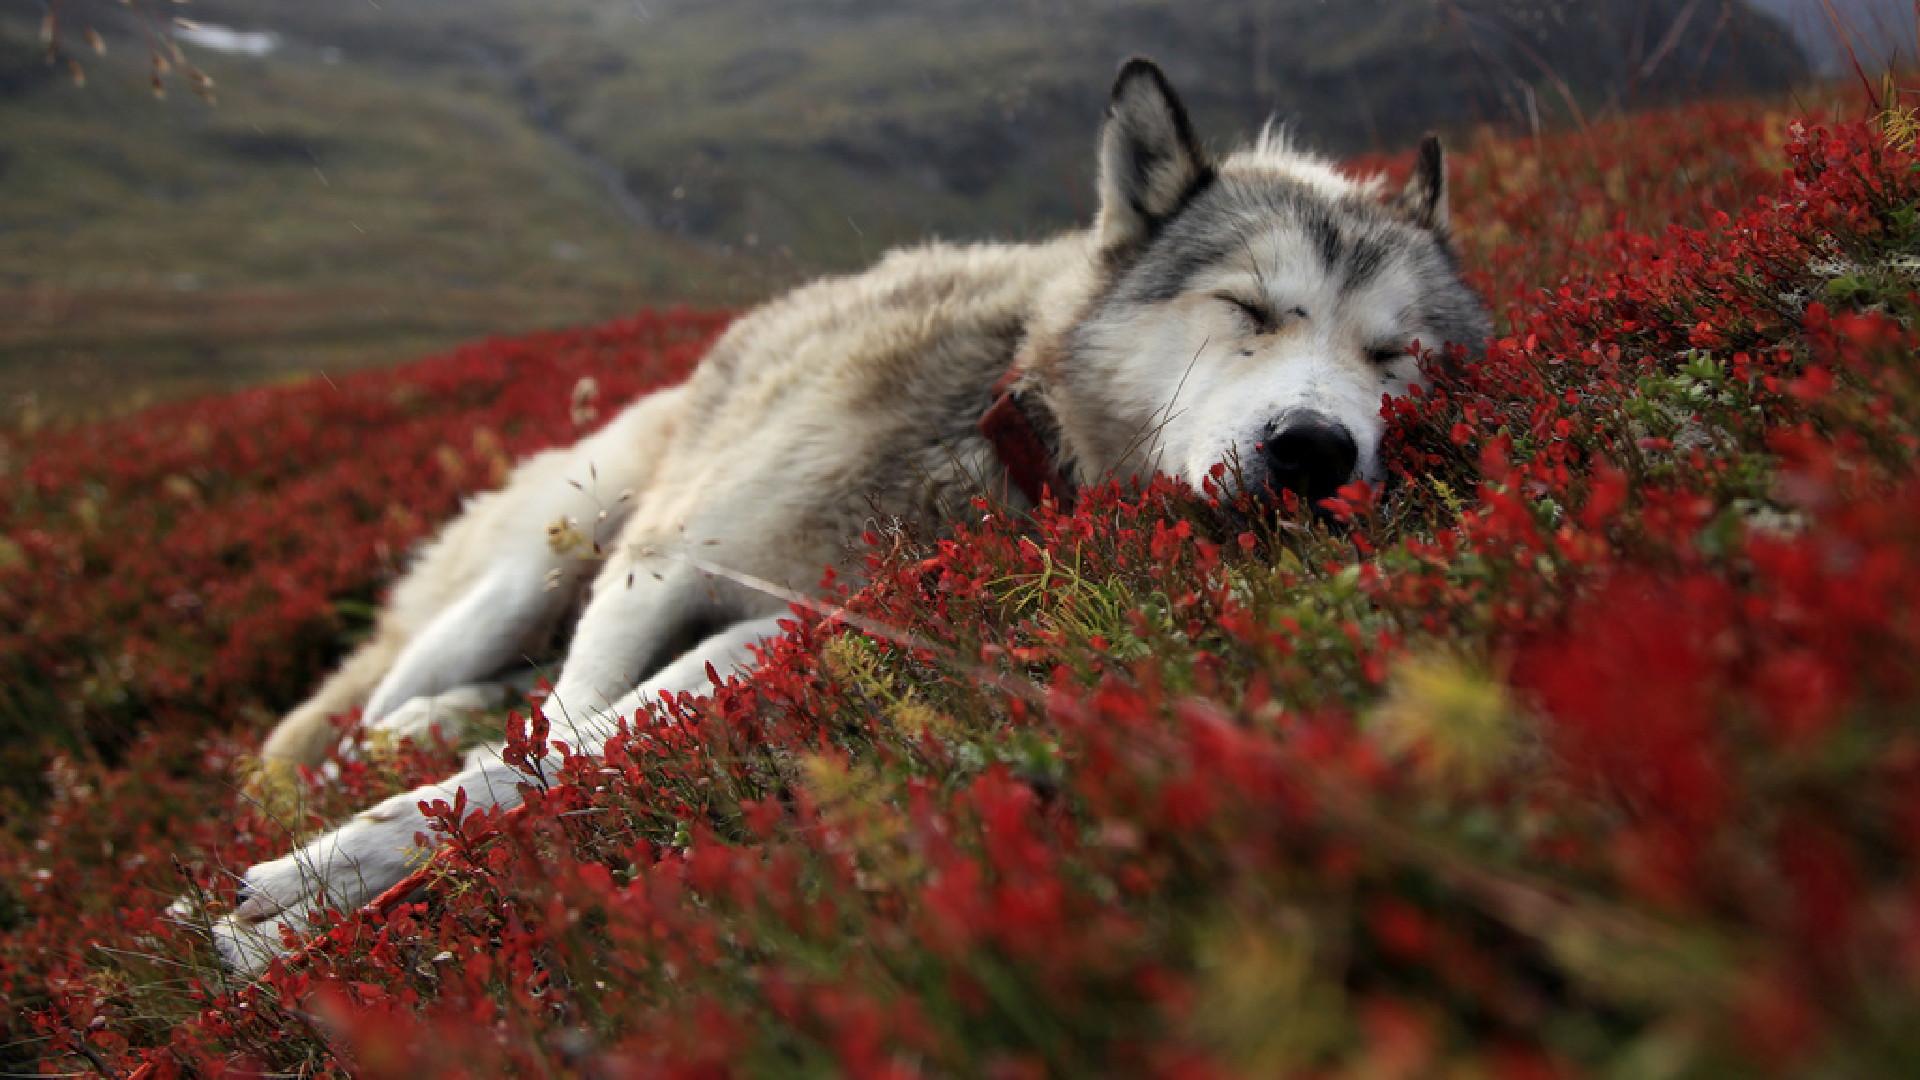 Dierenrijk - Wolf  - Lob - Canine - Wild - Alaska - Tundra - Hond - Battleship - Dierenrijk Achtergrond